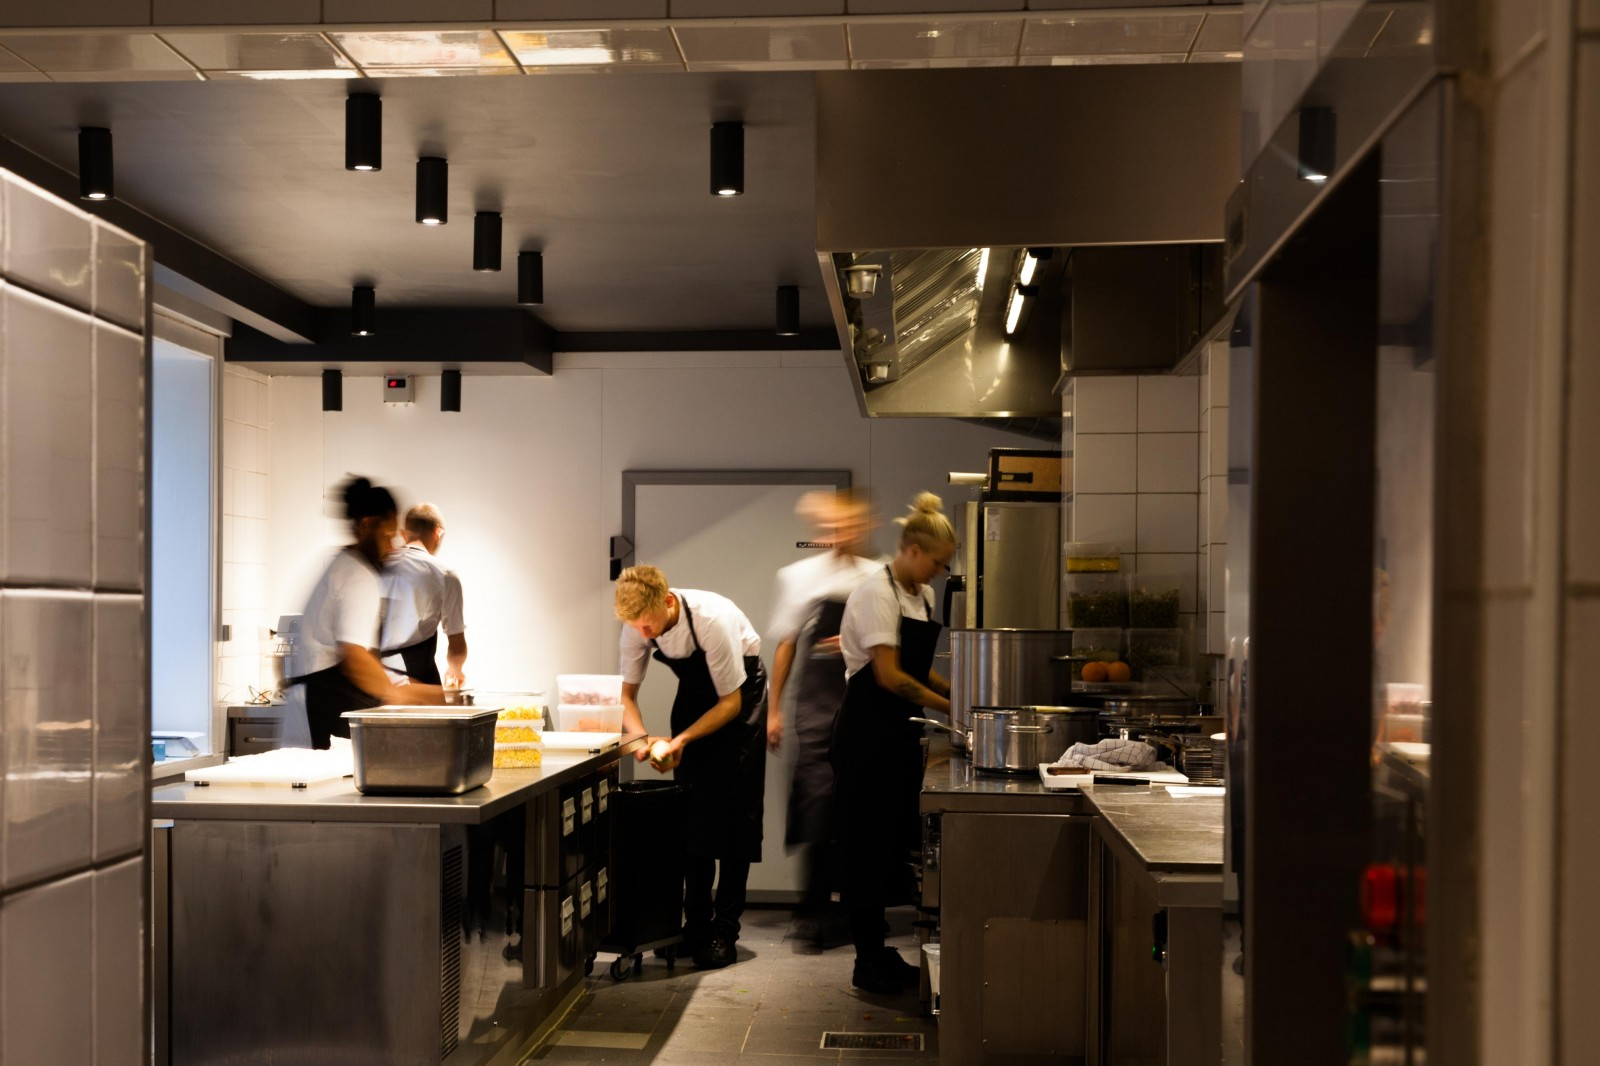 <h1>Restaurant Musling</h1><h4>I restaurant og køkken er lyset valgt med stor omhu. Arbejdslys og stemning er skabt.</h4>